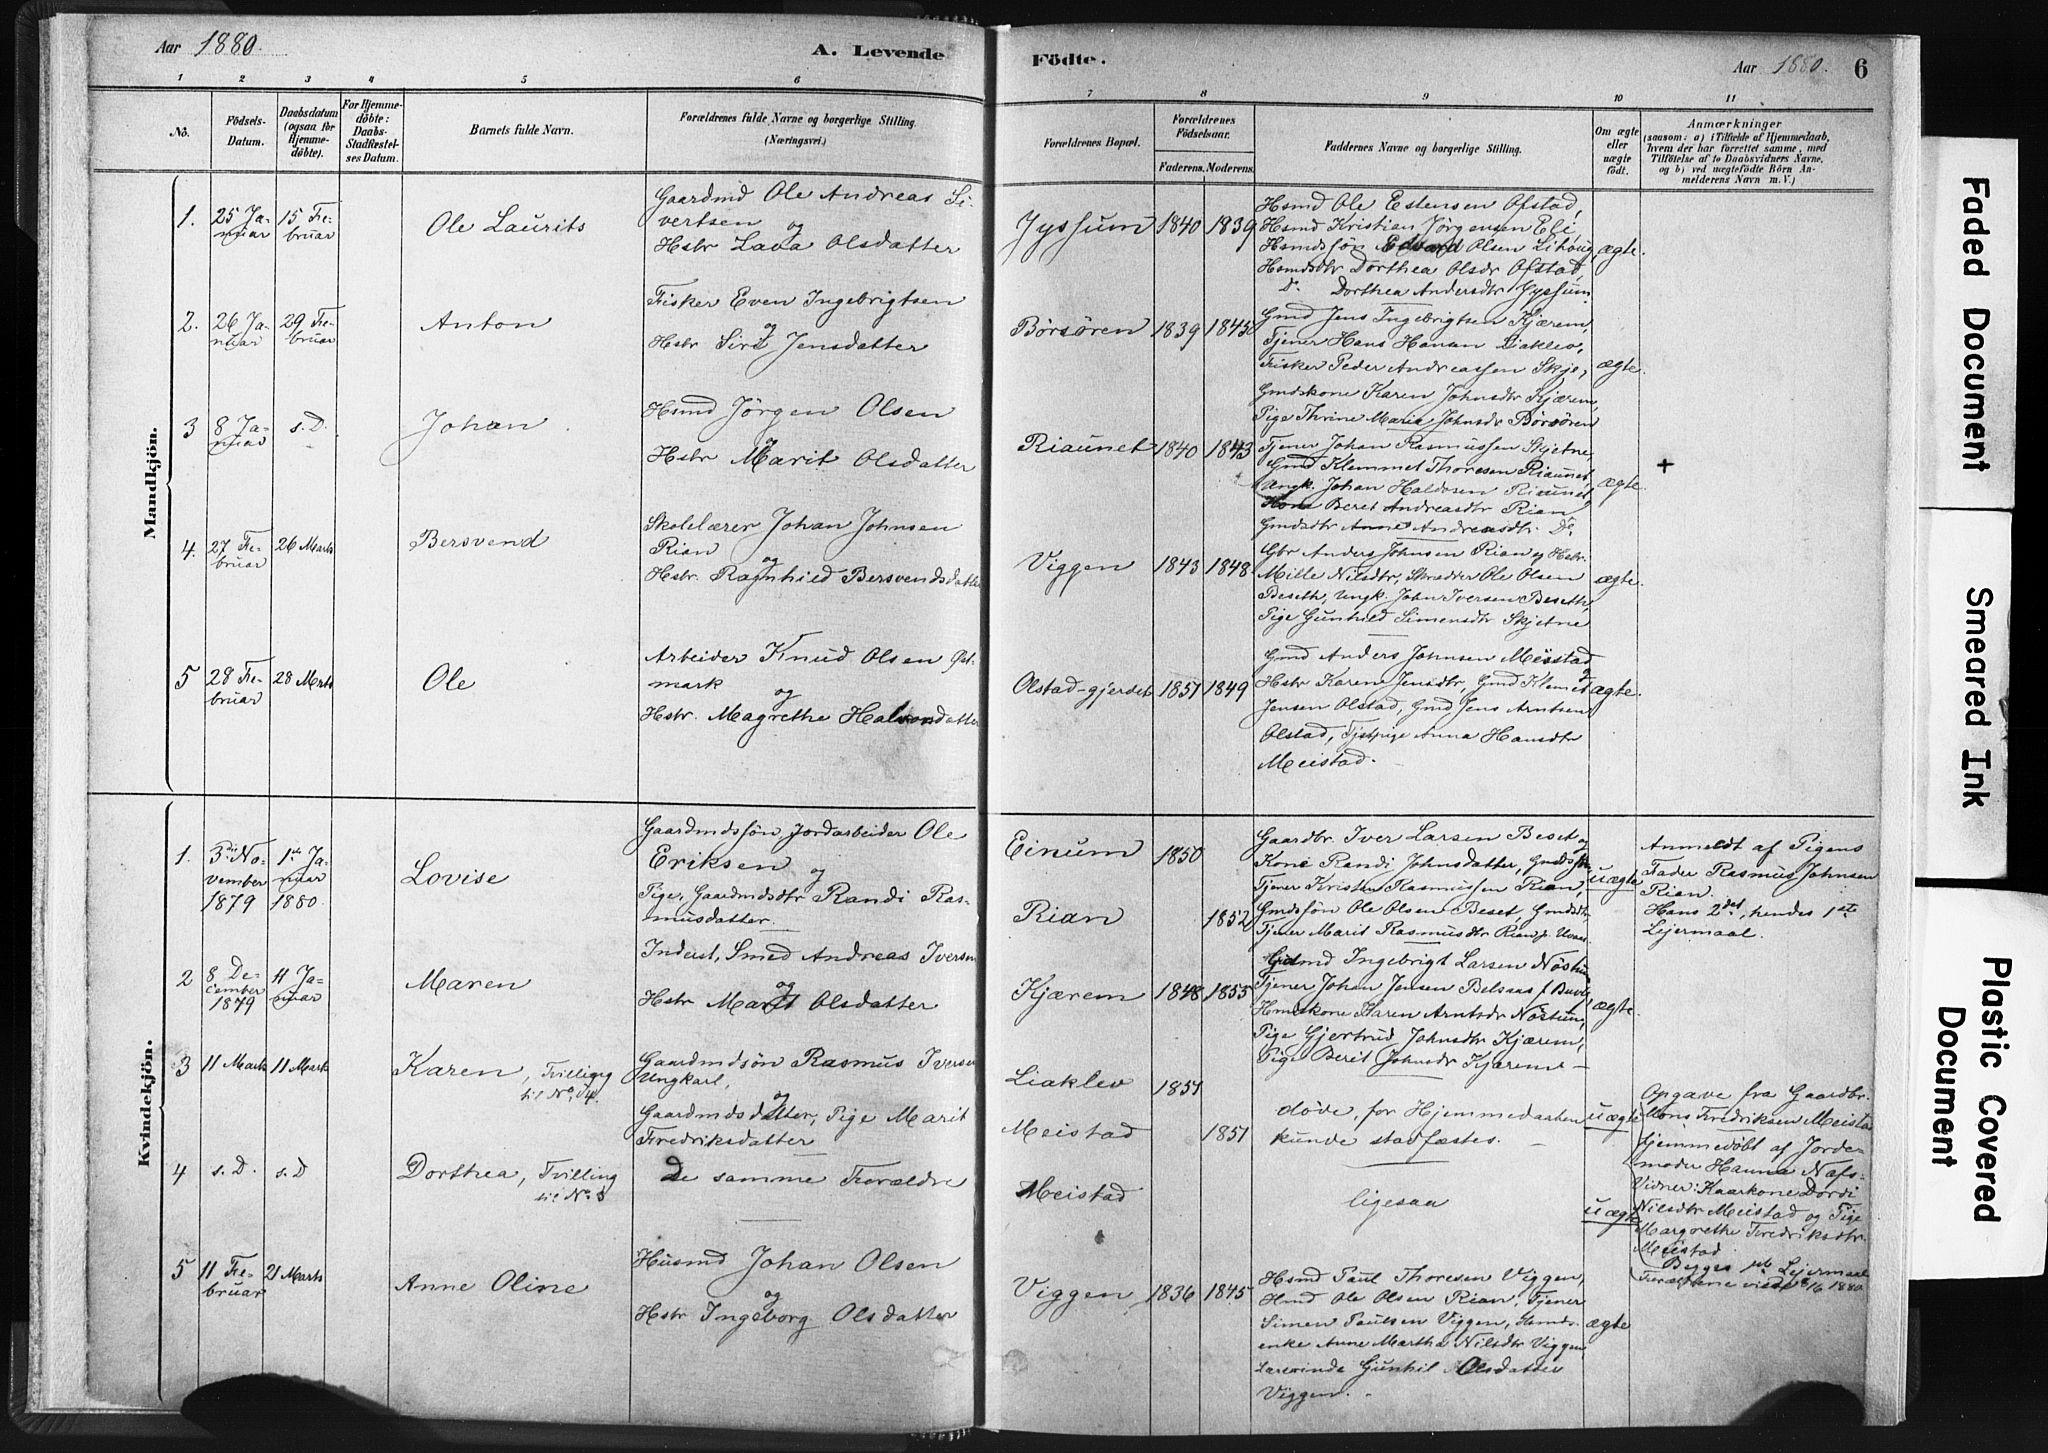 SAT, Ministerialprotokoller, klokkerbøker og fødselsregistre - Sør-Trøndelag, 665/L0773: Ministerialbok nr. 665A08, 1879-1905, s. 6